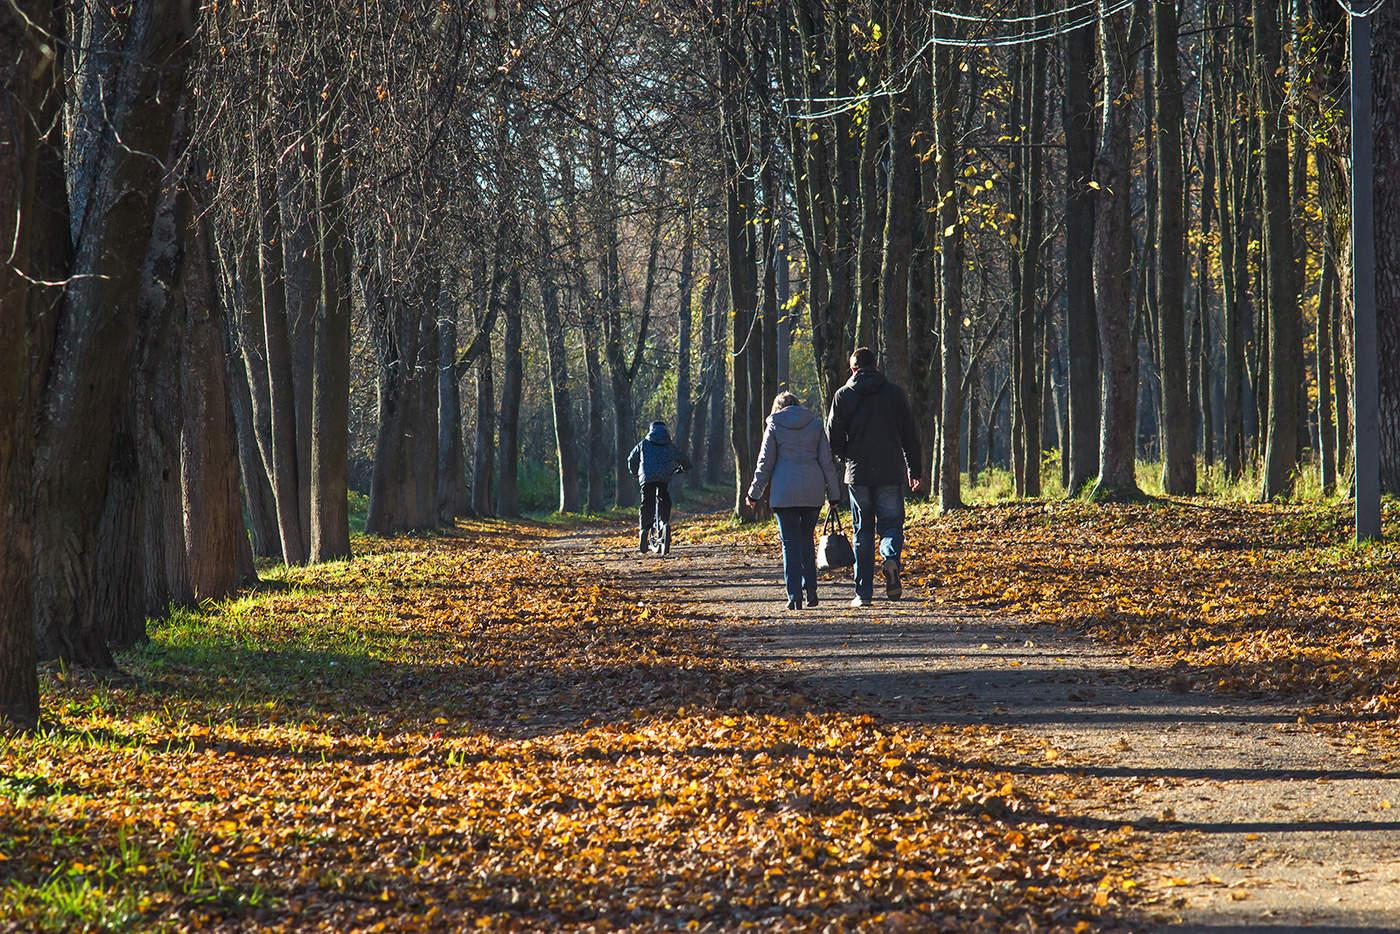 человек гуляет в парке картинка видно больше